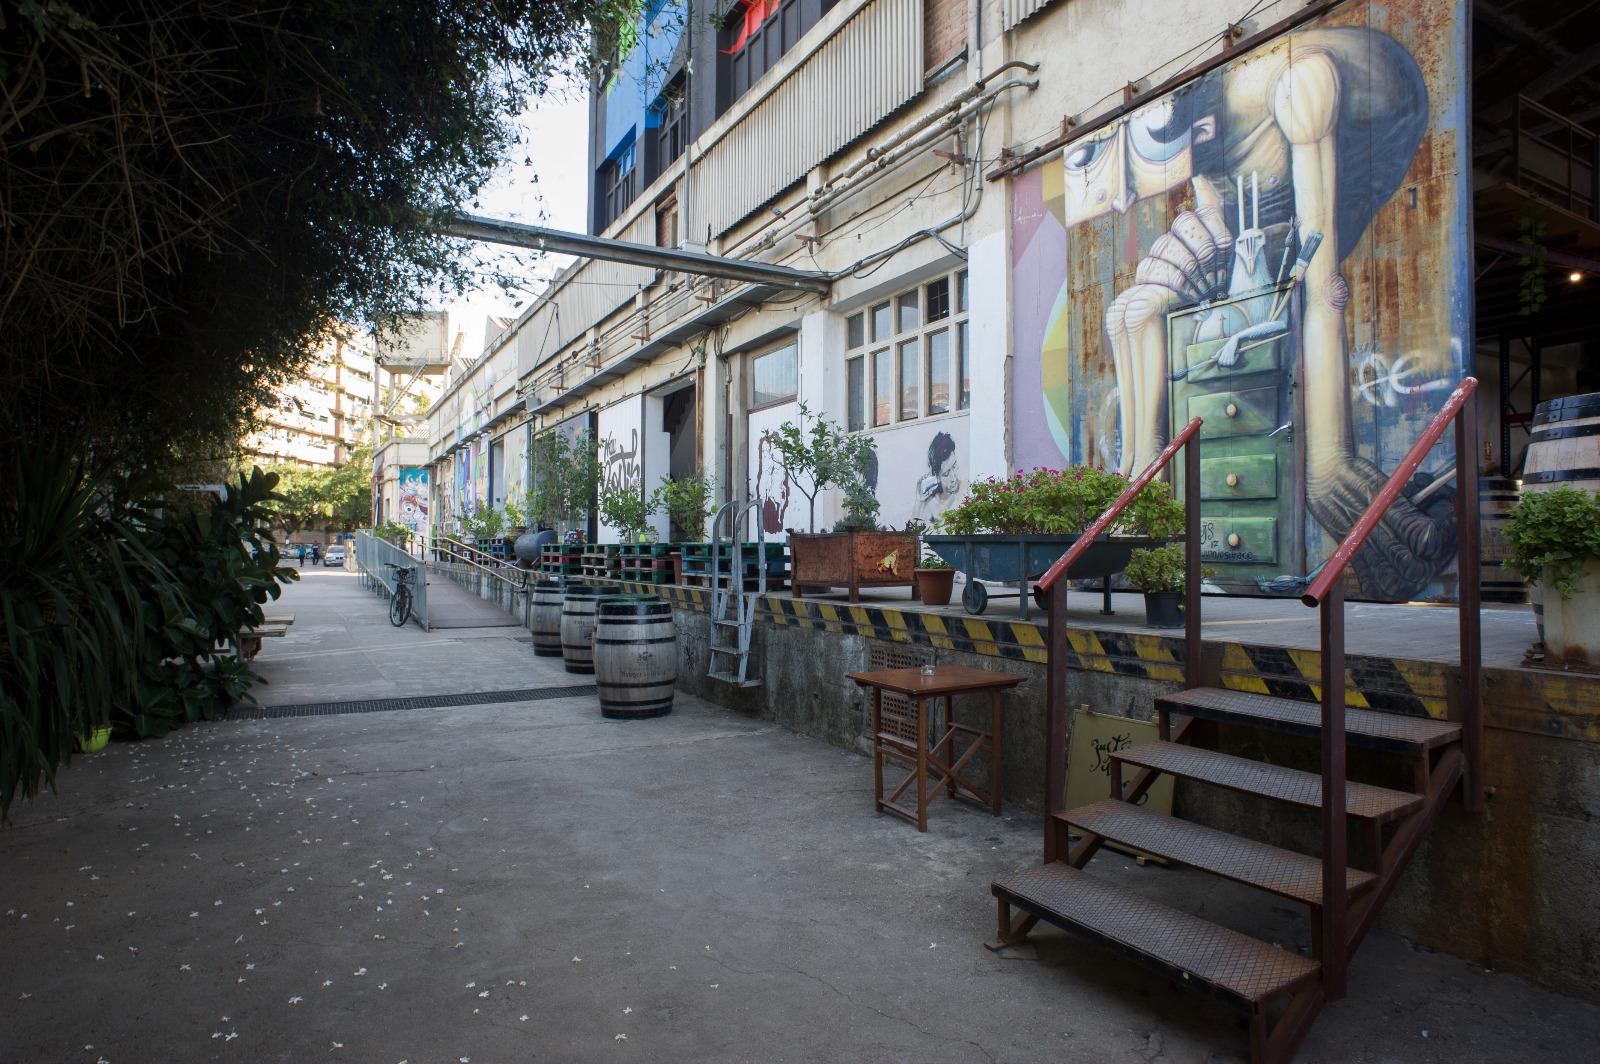 Els murals de colors decoren l'exterior de la Nau Bostik / Cristina Raso